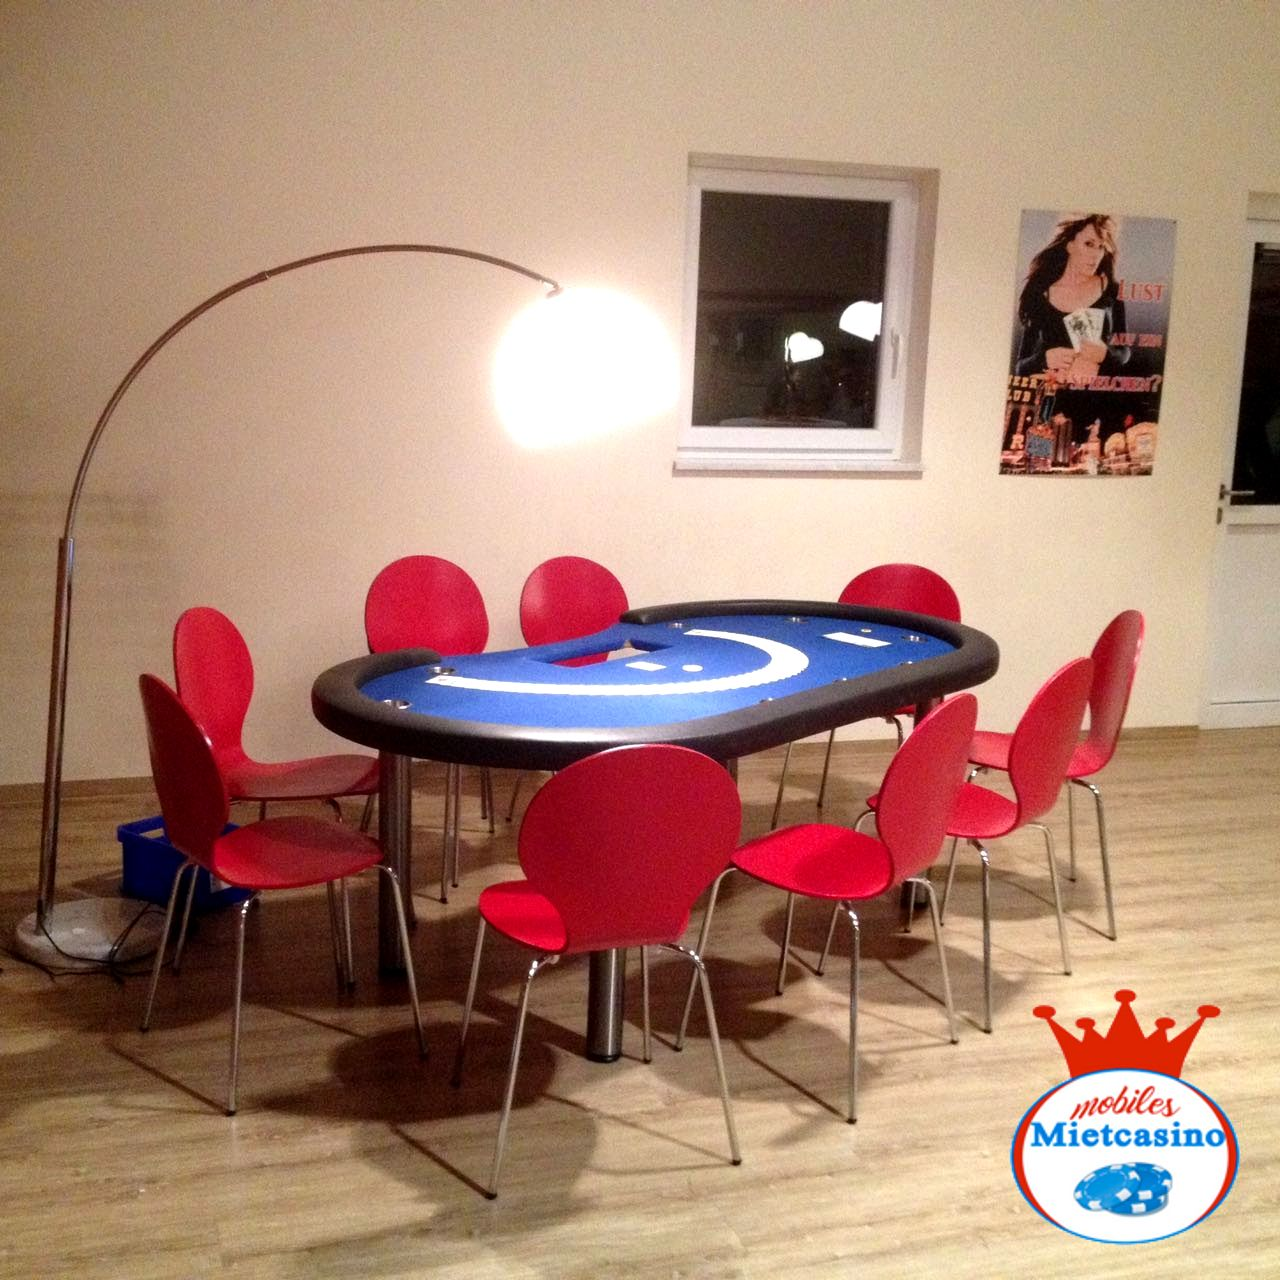 Poker Casino Spieltisch in blau  Poker Tisch mit Beleuchtung auf Casino Event